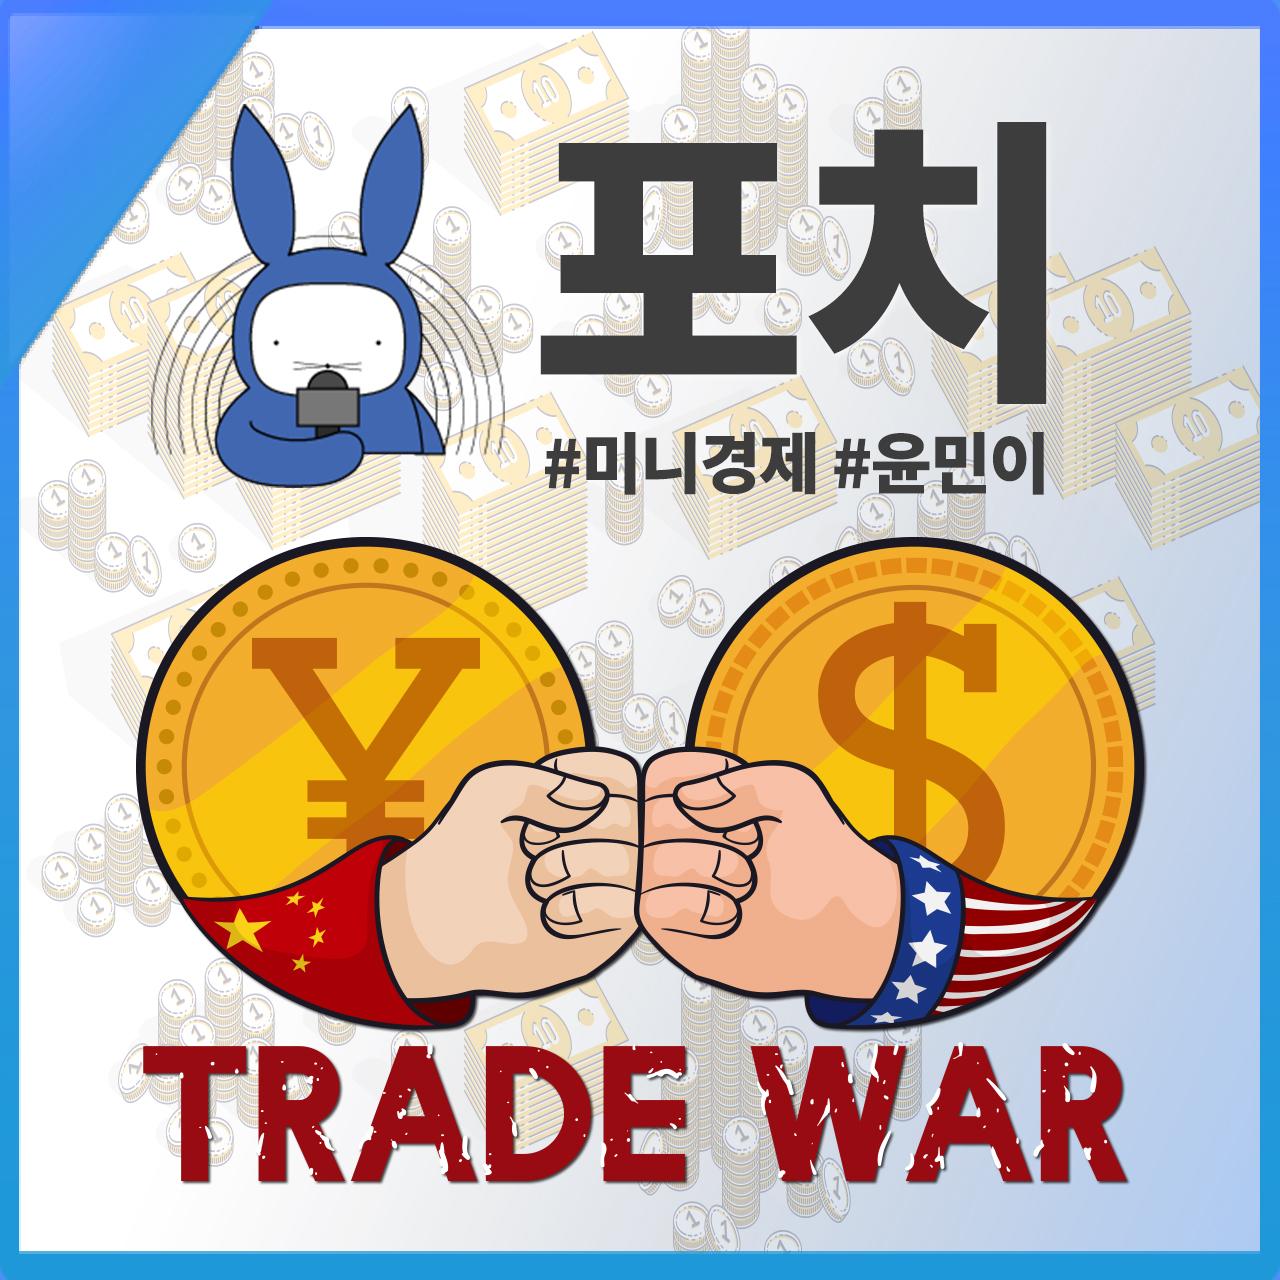 [오디오래빗] 중국의 위안화 펀치 #포치…미중 환율전쟁